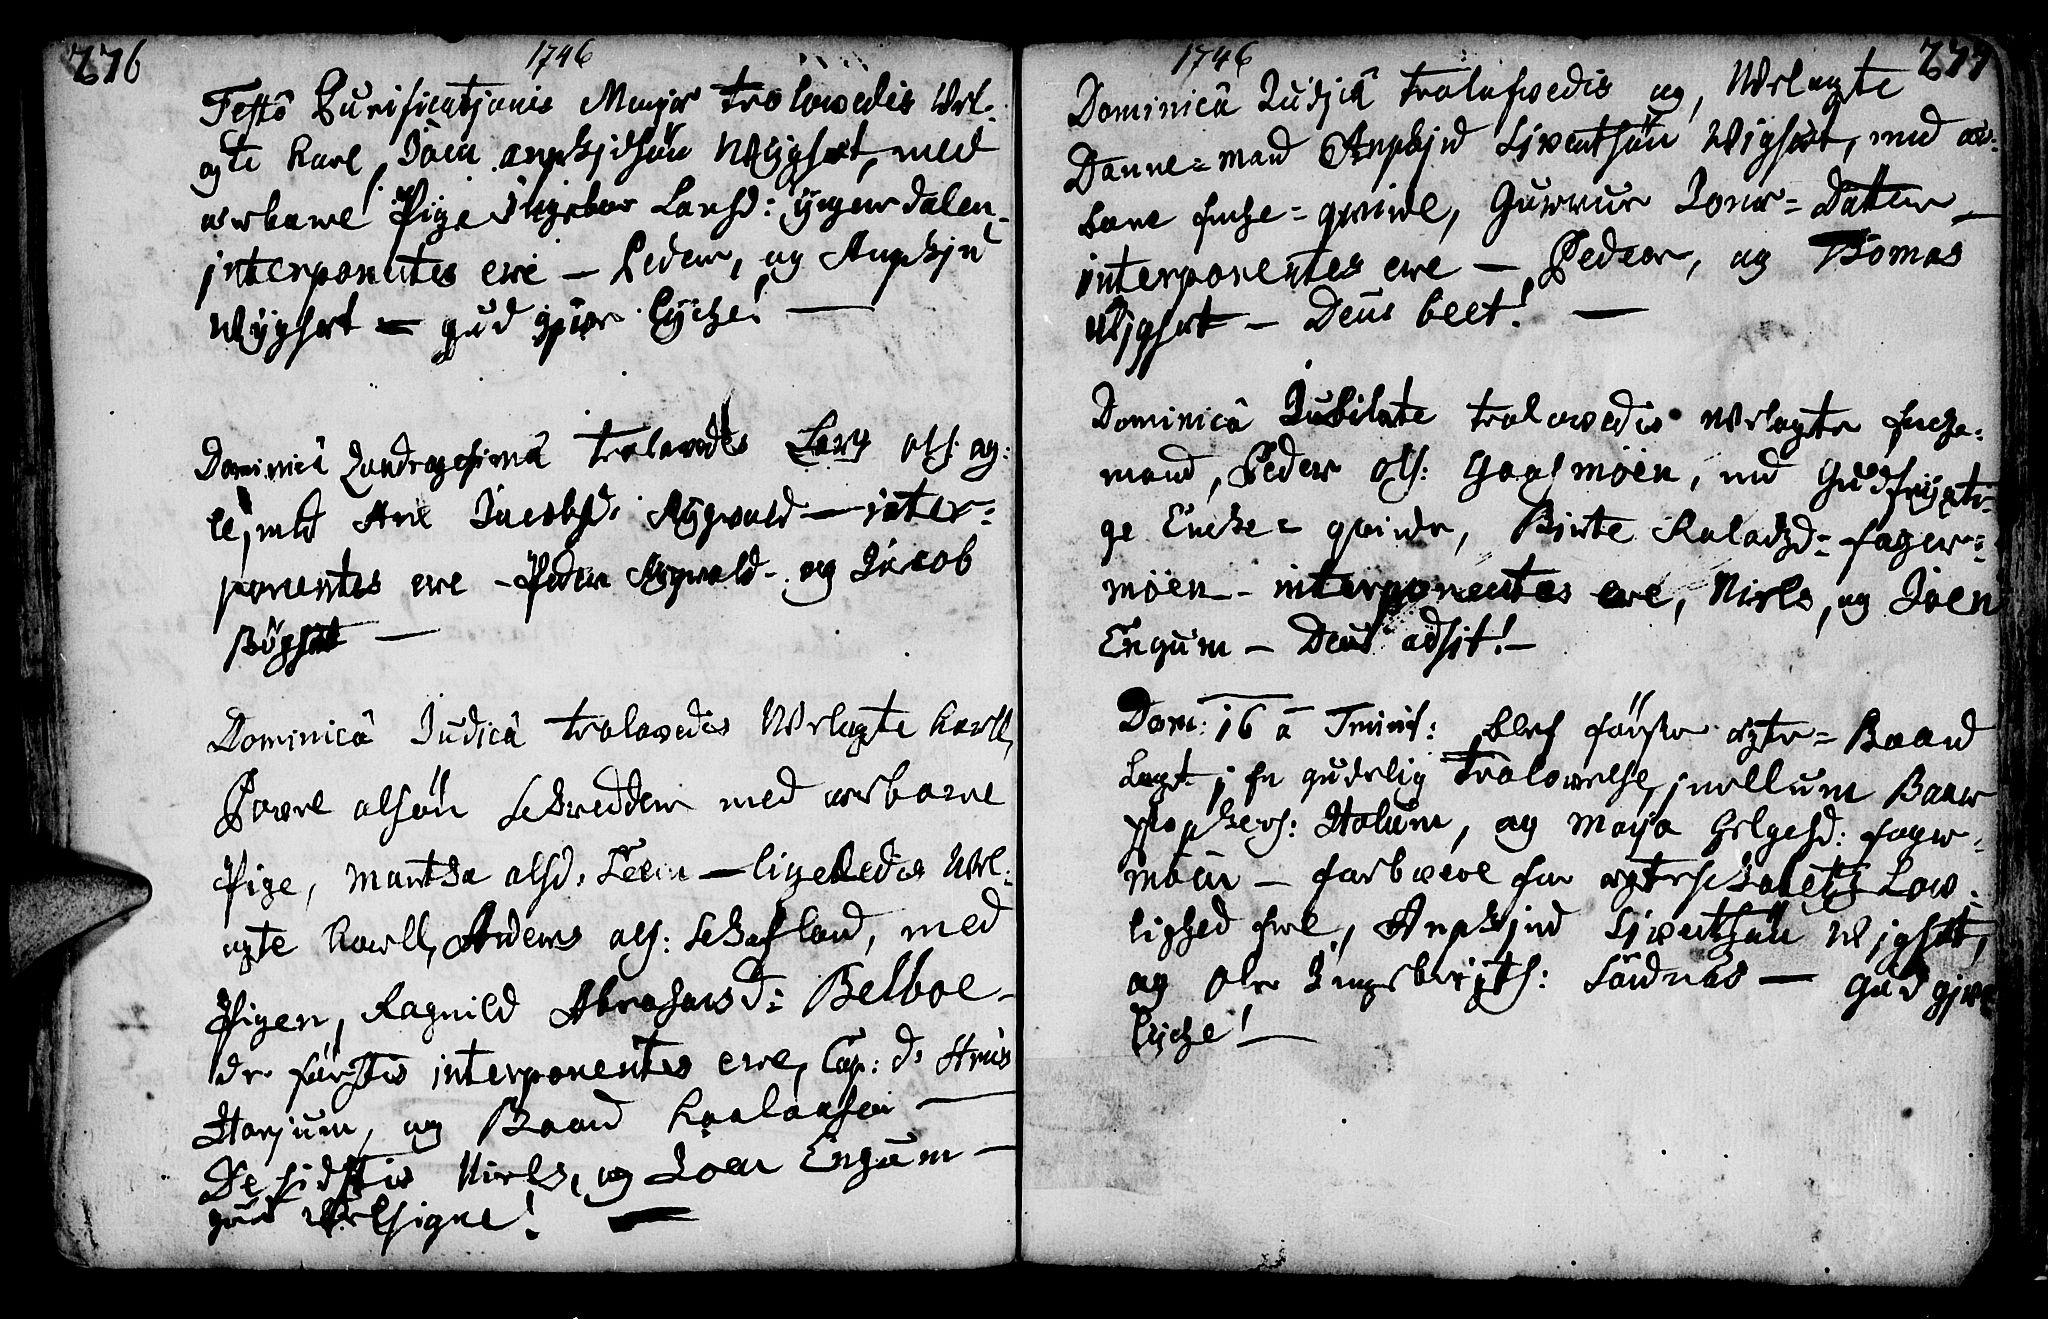 SAT, Ministerialprotokoller, klokkerbøker og fødselsregistre - Nord-Trøndelag, 749/L0467: Ministerialbok nr. 749A01, 1733-1787, s. 276-277